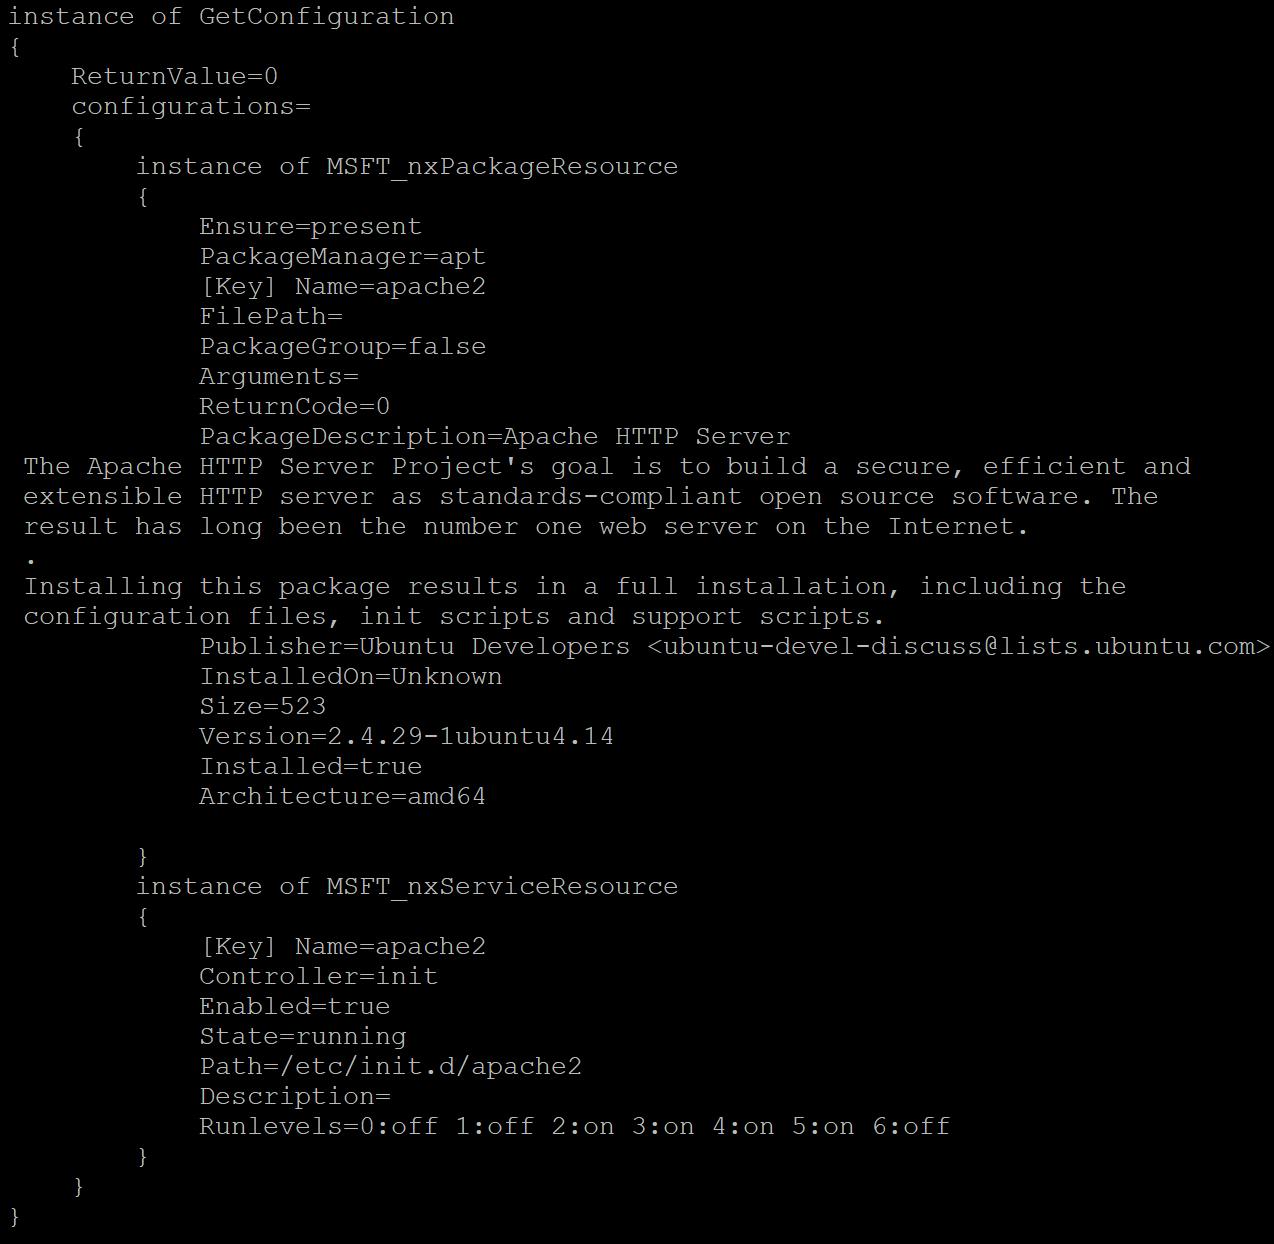 Result of GetDscConfiguration.py script